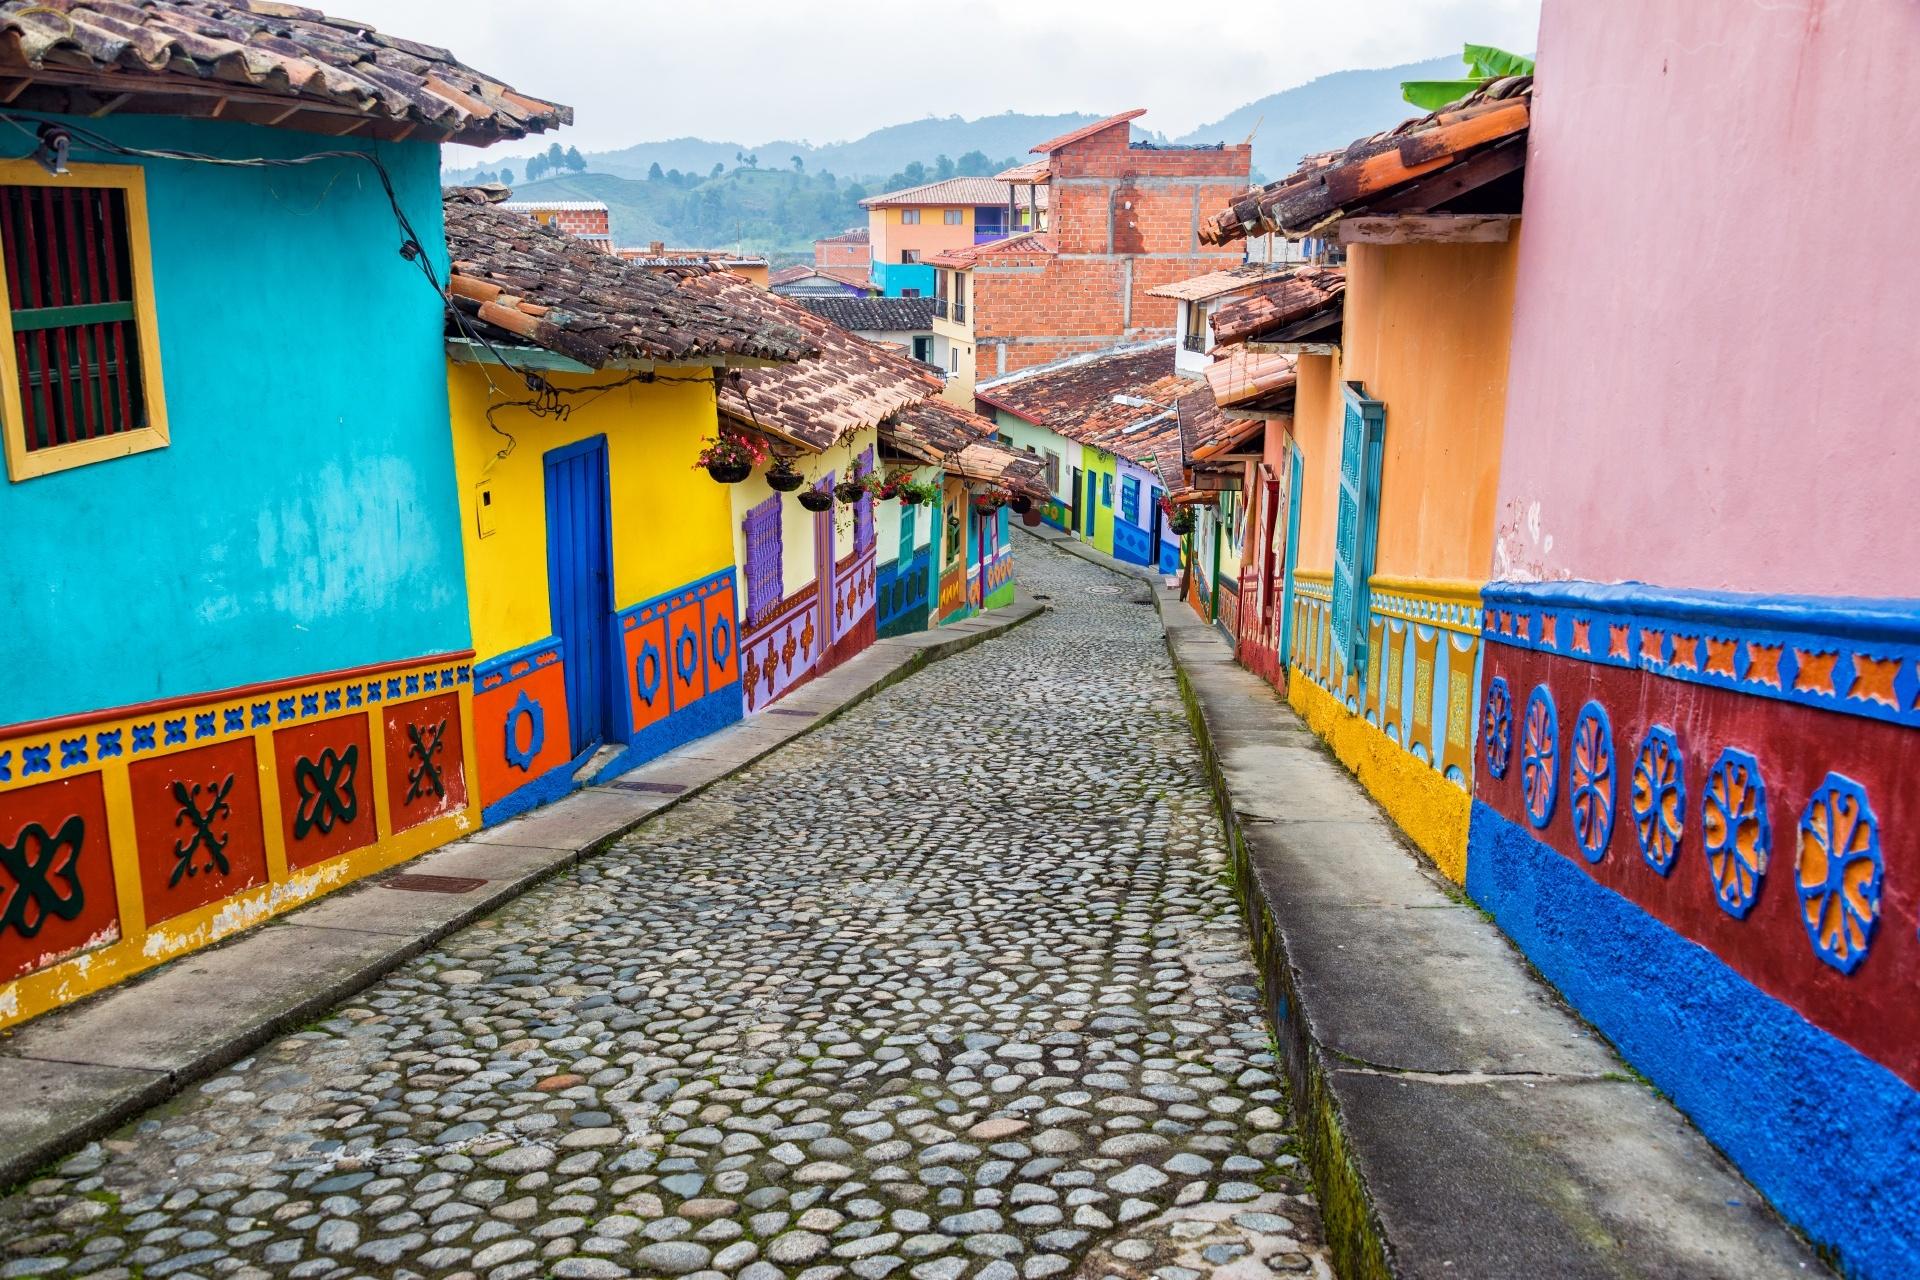 コロンビア グアタペの路地